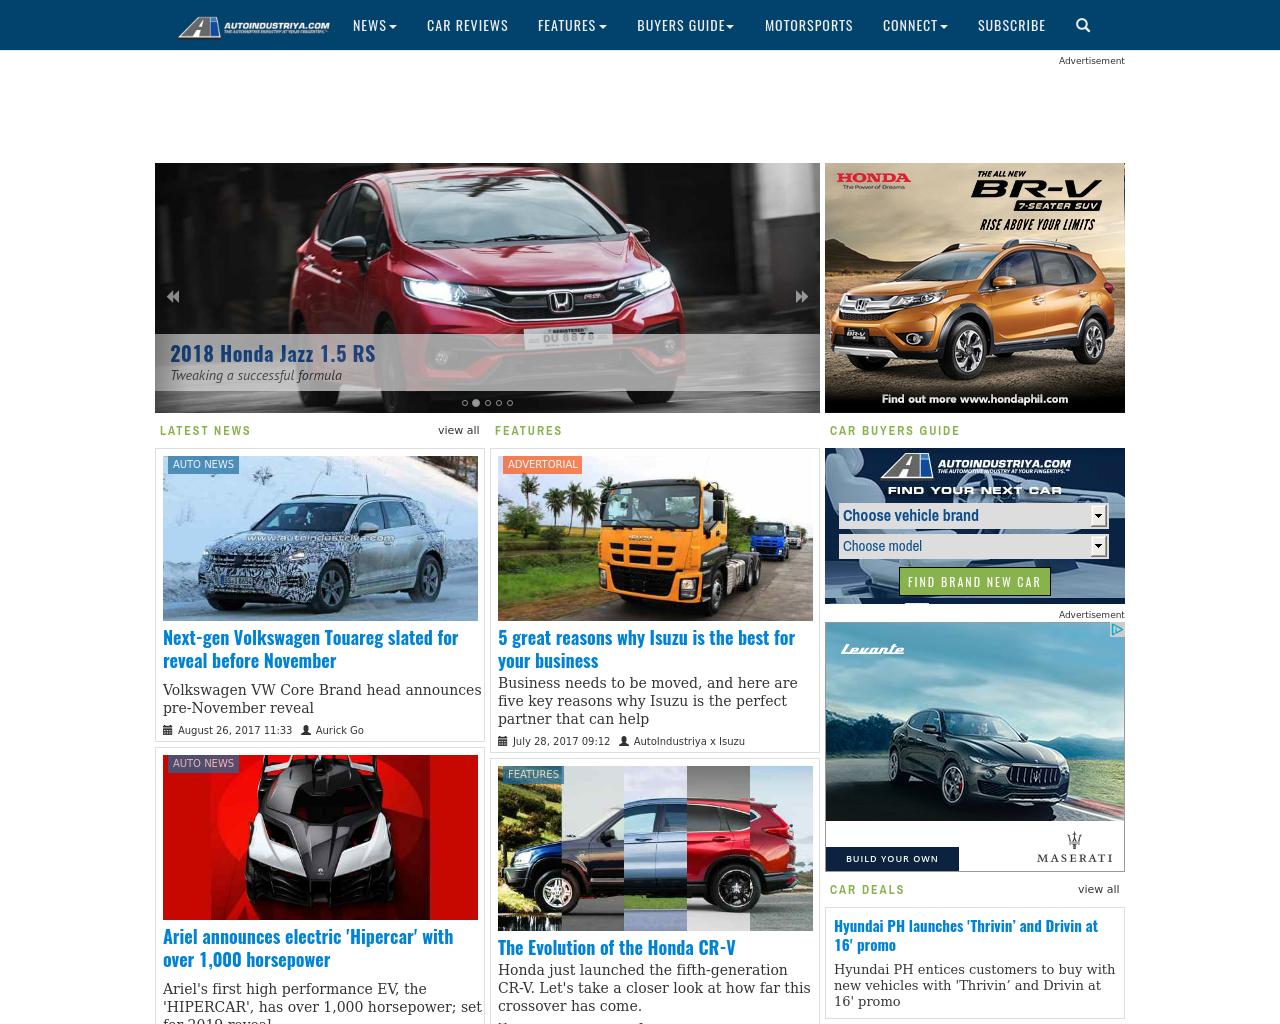 Autoindustriya-Advertising-Reviews-Pricing